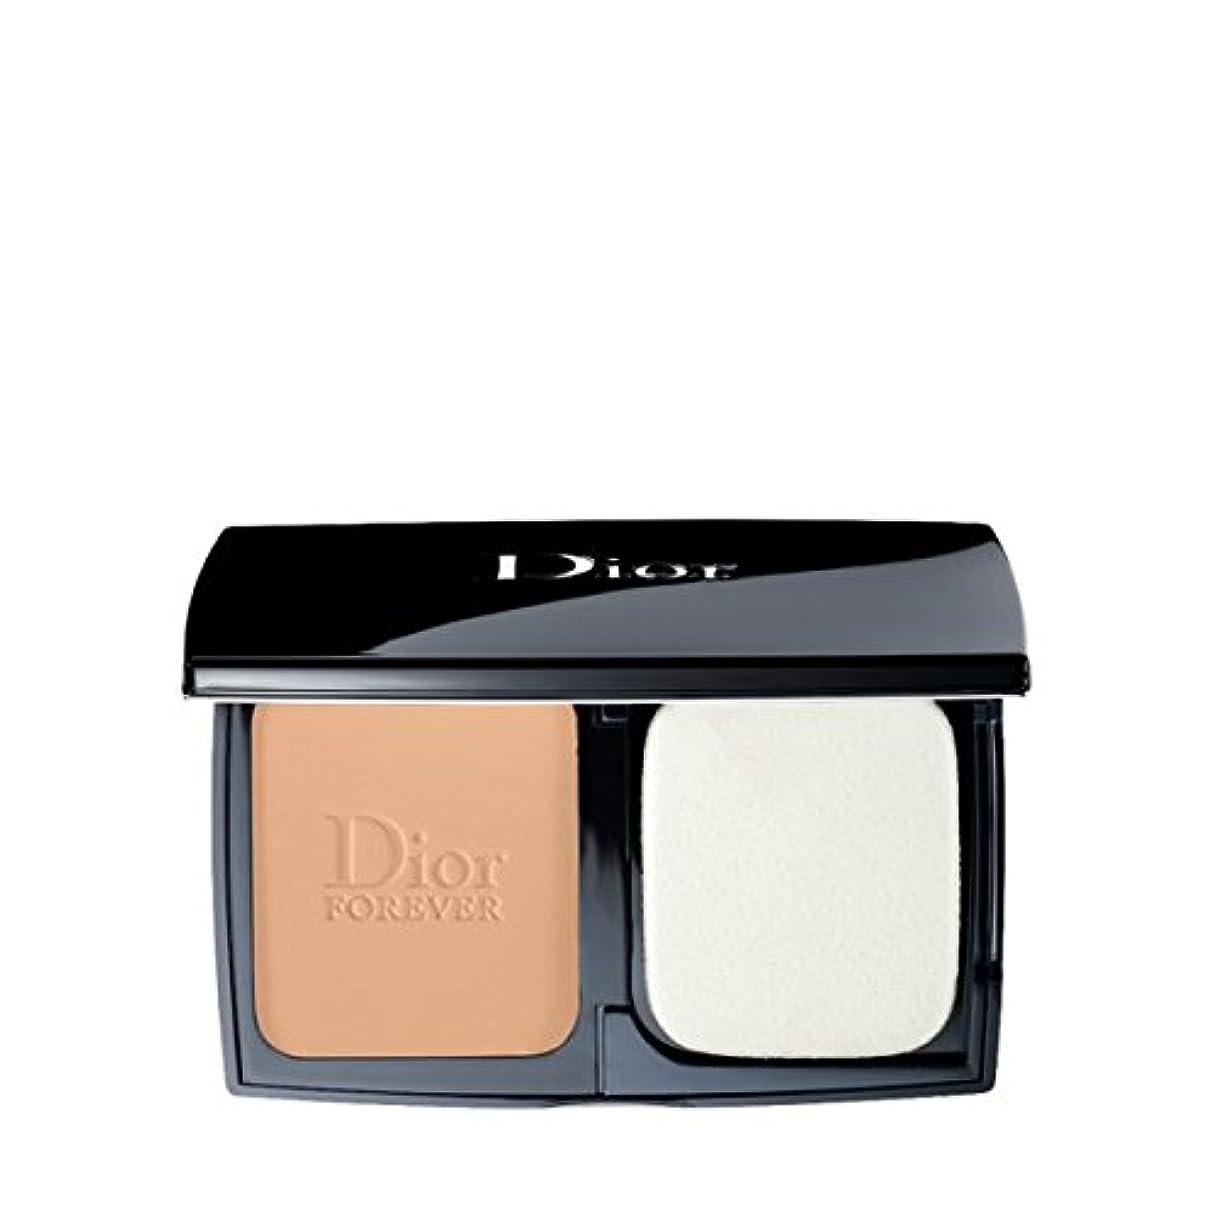 ご意見行き当たりばったり北Dior(ディオール) ディオールスキン フォーエヴァー コンパクト エクストレム コントロール (#030:ミディアム ベージュ)